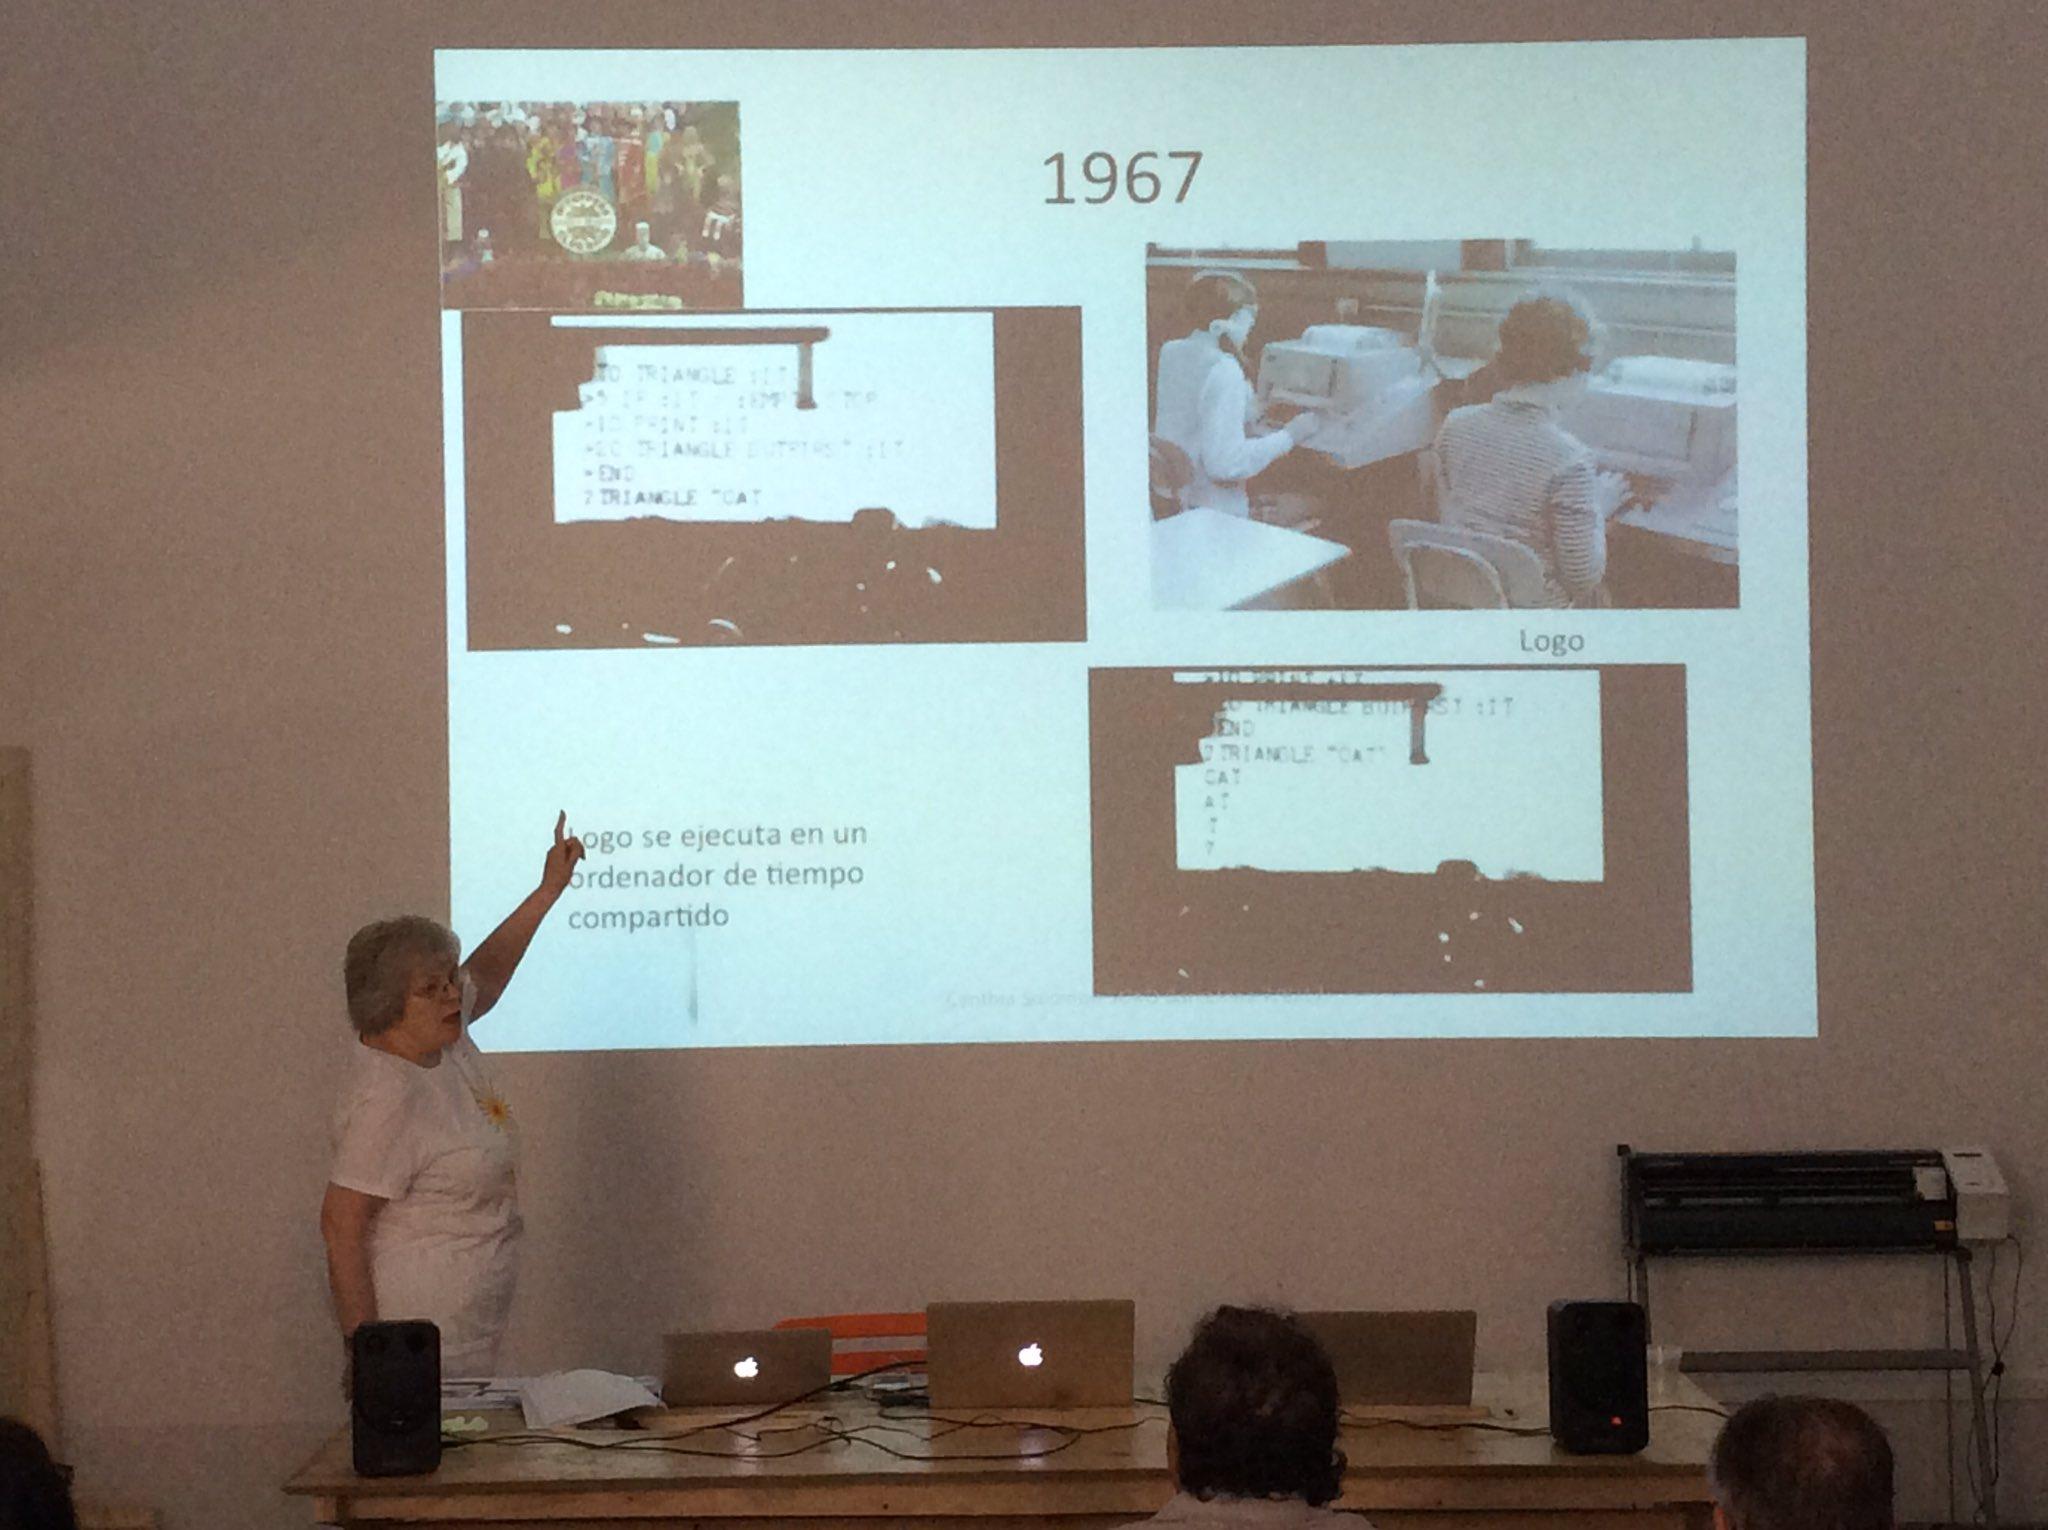 Fa 50 anys la Cynthia Solomon va participar en la creació de LOGO... i avui ens ho està explicant! #50yearsLOGO https://t.co/hGW6cSNULO https://t.co/FWuXqu6thc